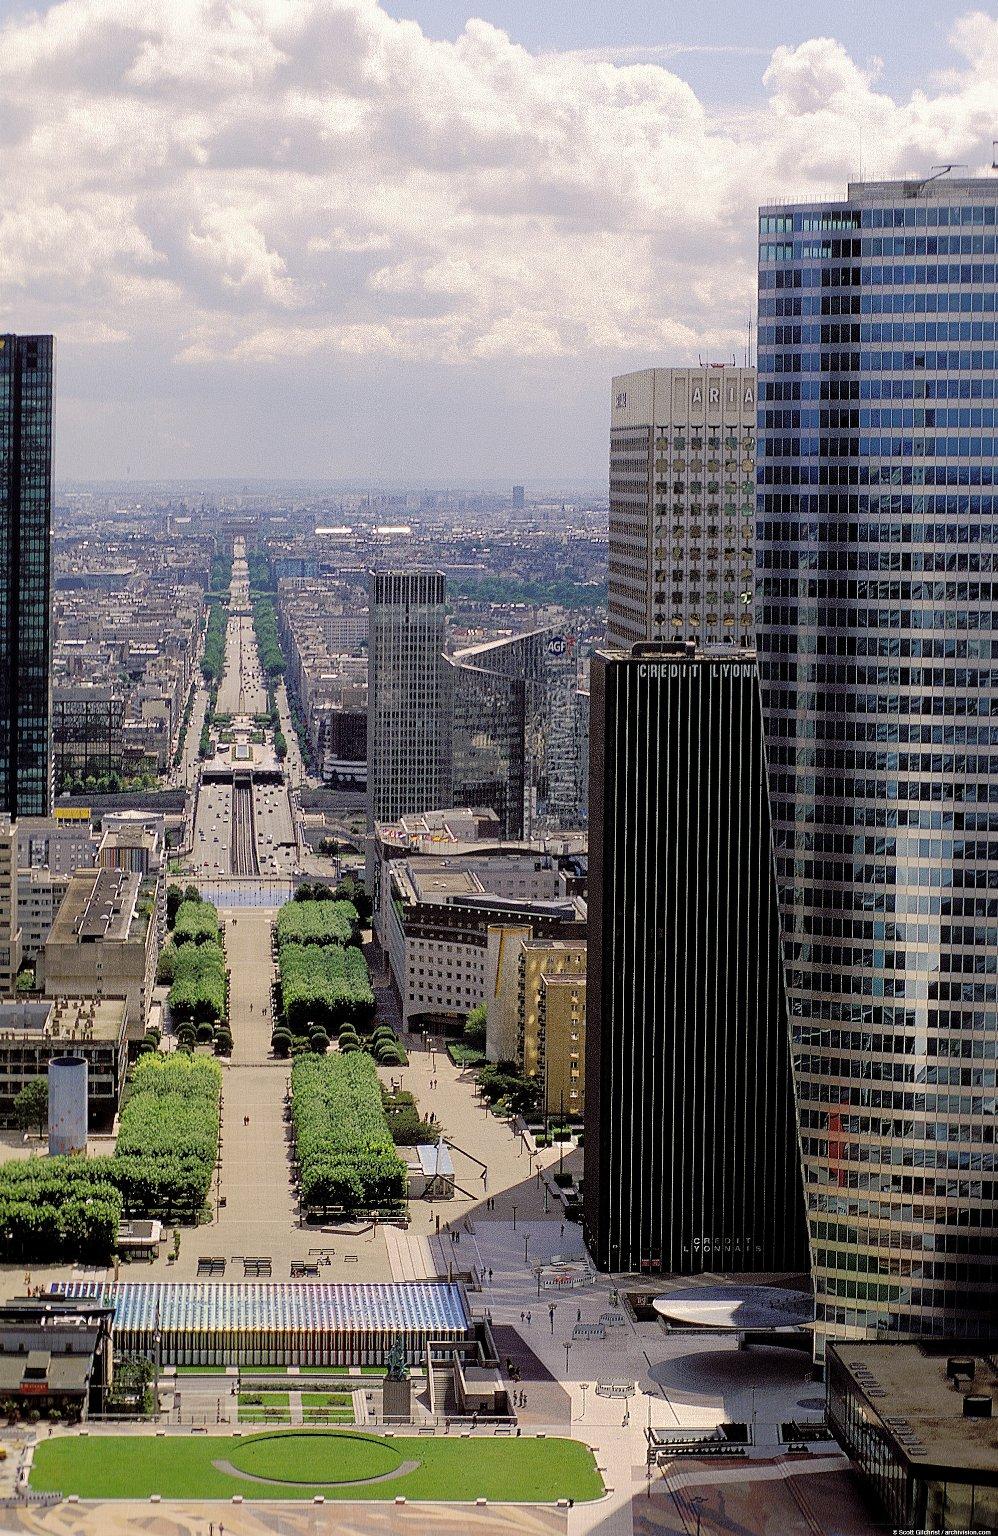 La Défense: Topographic Views